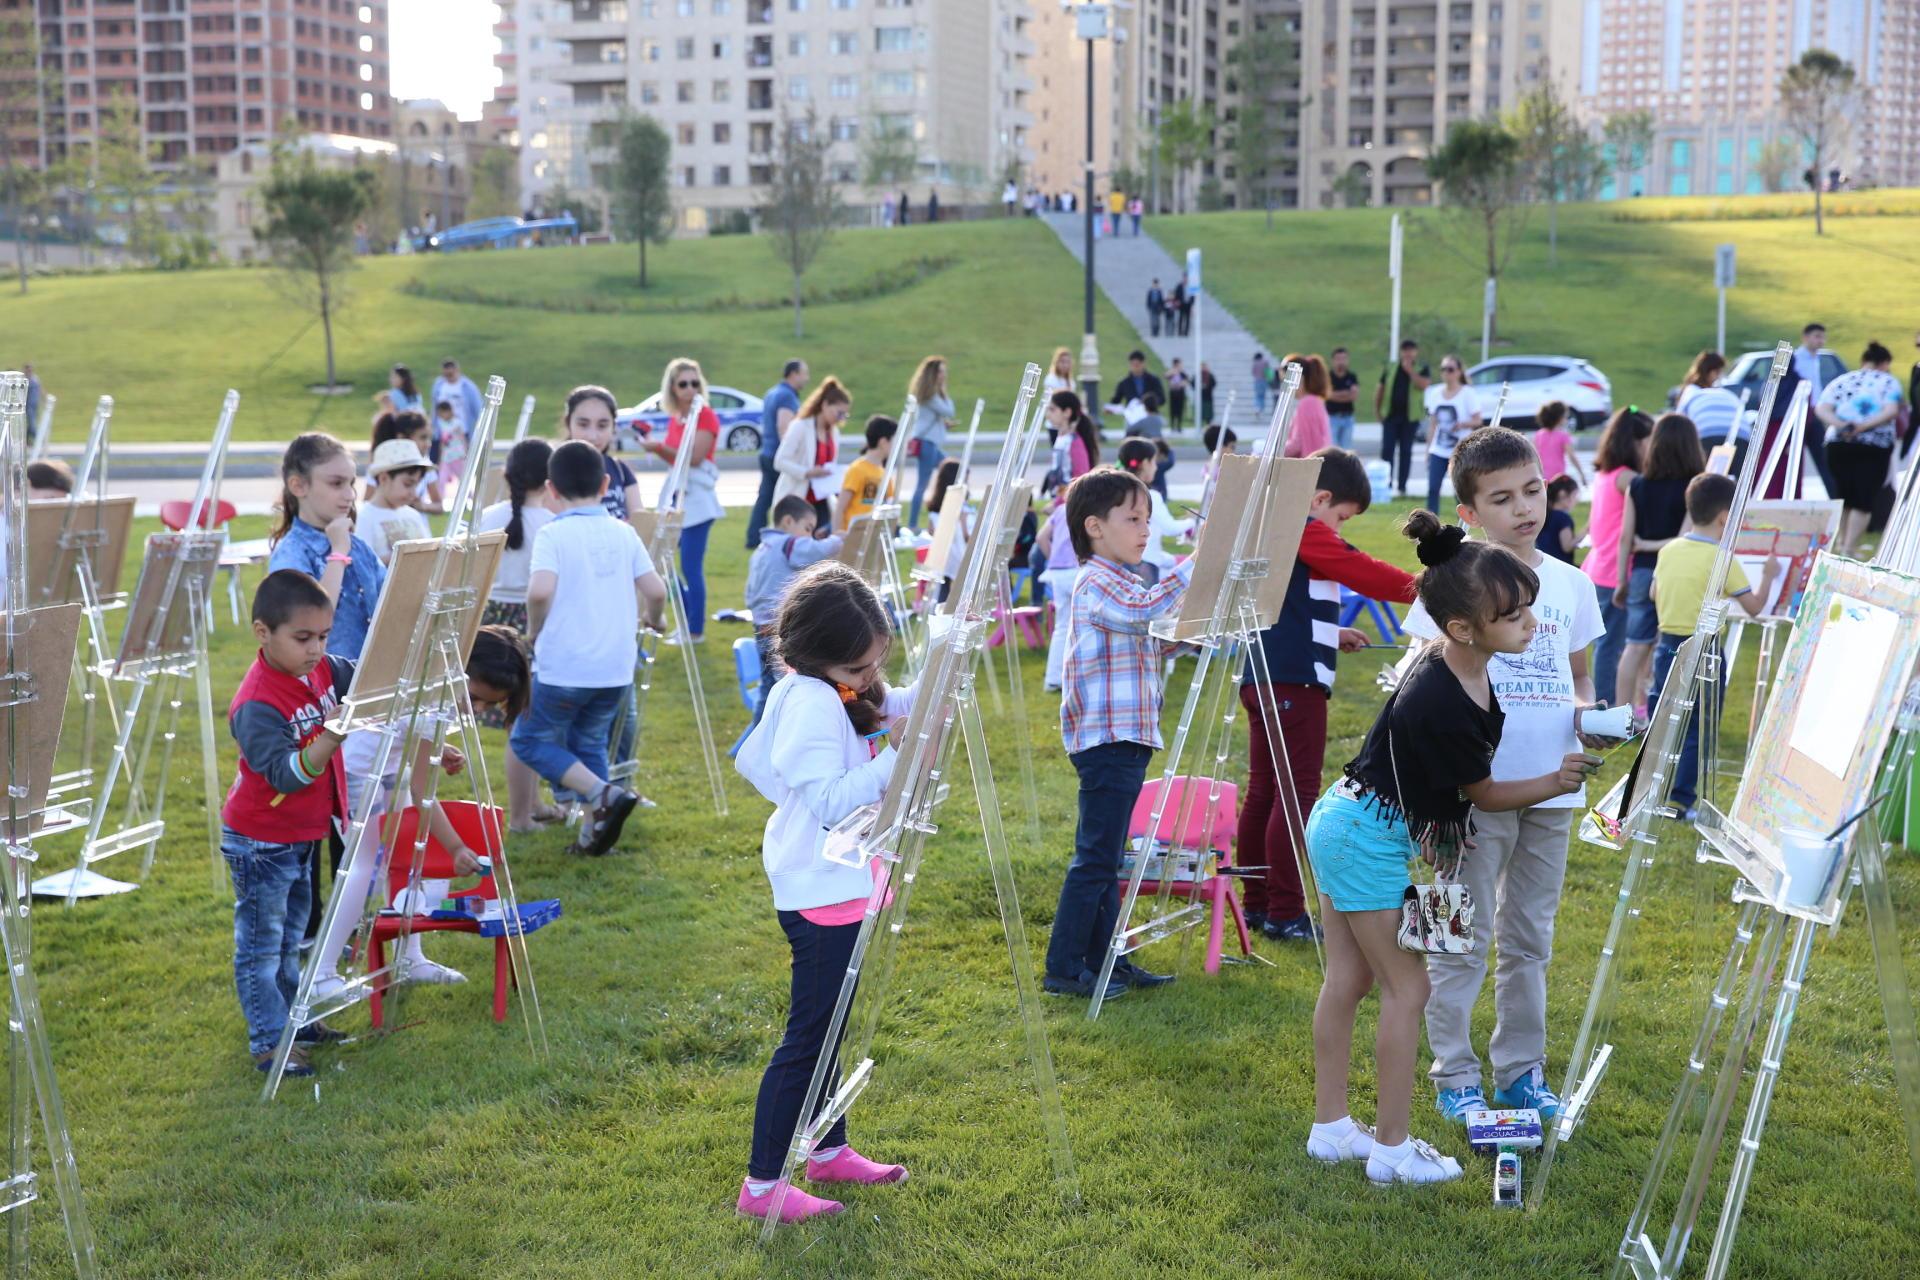 Heydər Əliyev Mərkəzinin parkında uşaqlar üçün rəsm dərsi